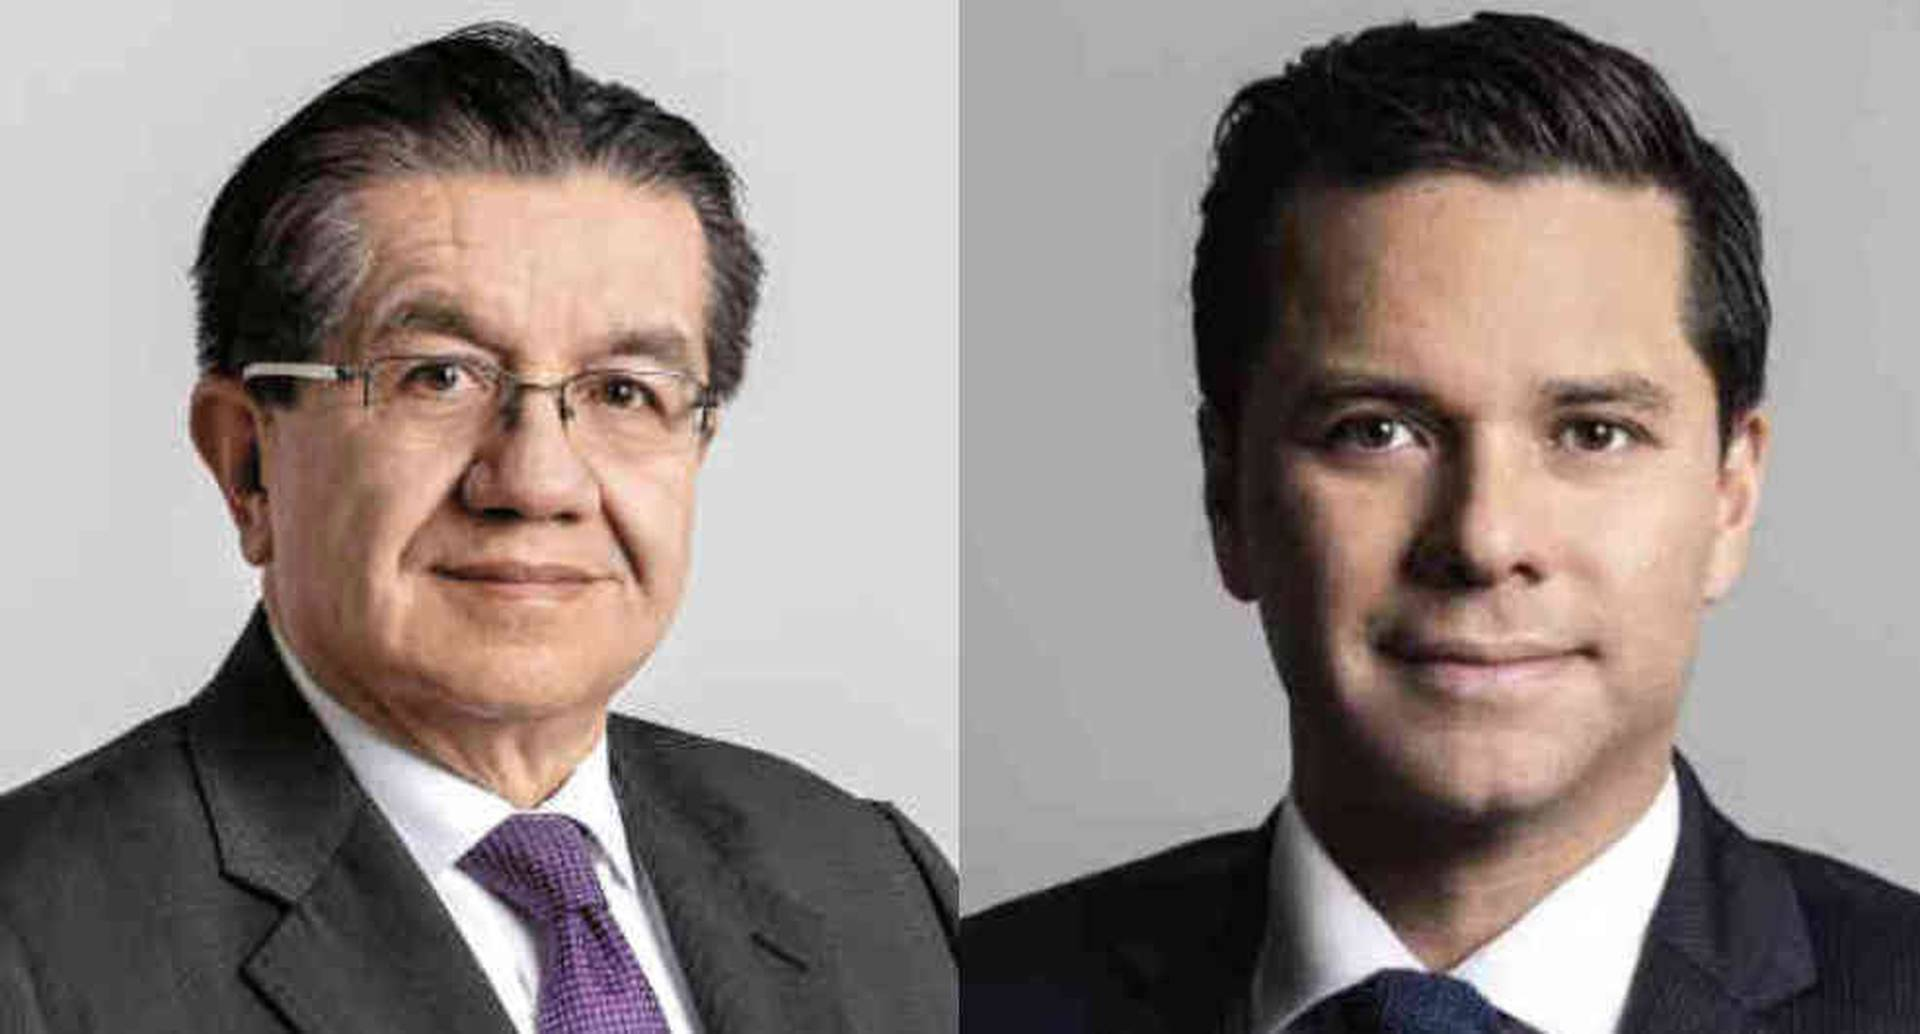 Luis Carlos Vélez conversó con el ministro de salud, Fernando Ruiz, sobre la pandemia y la nueva normalidad.